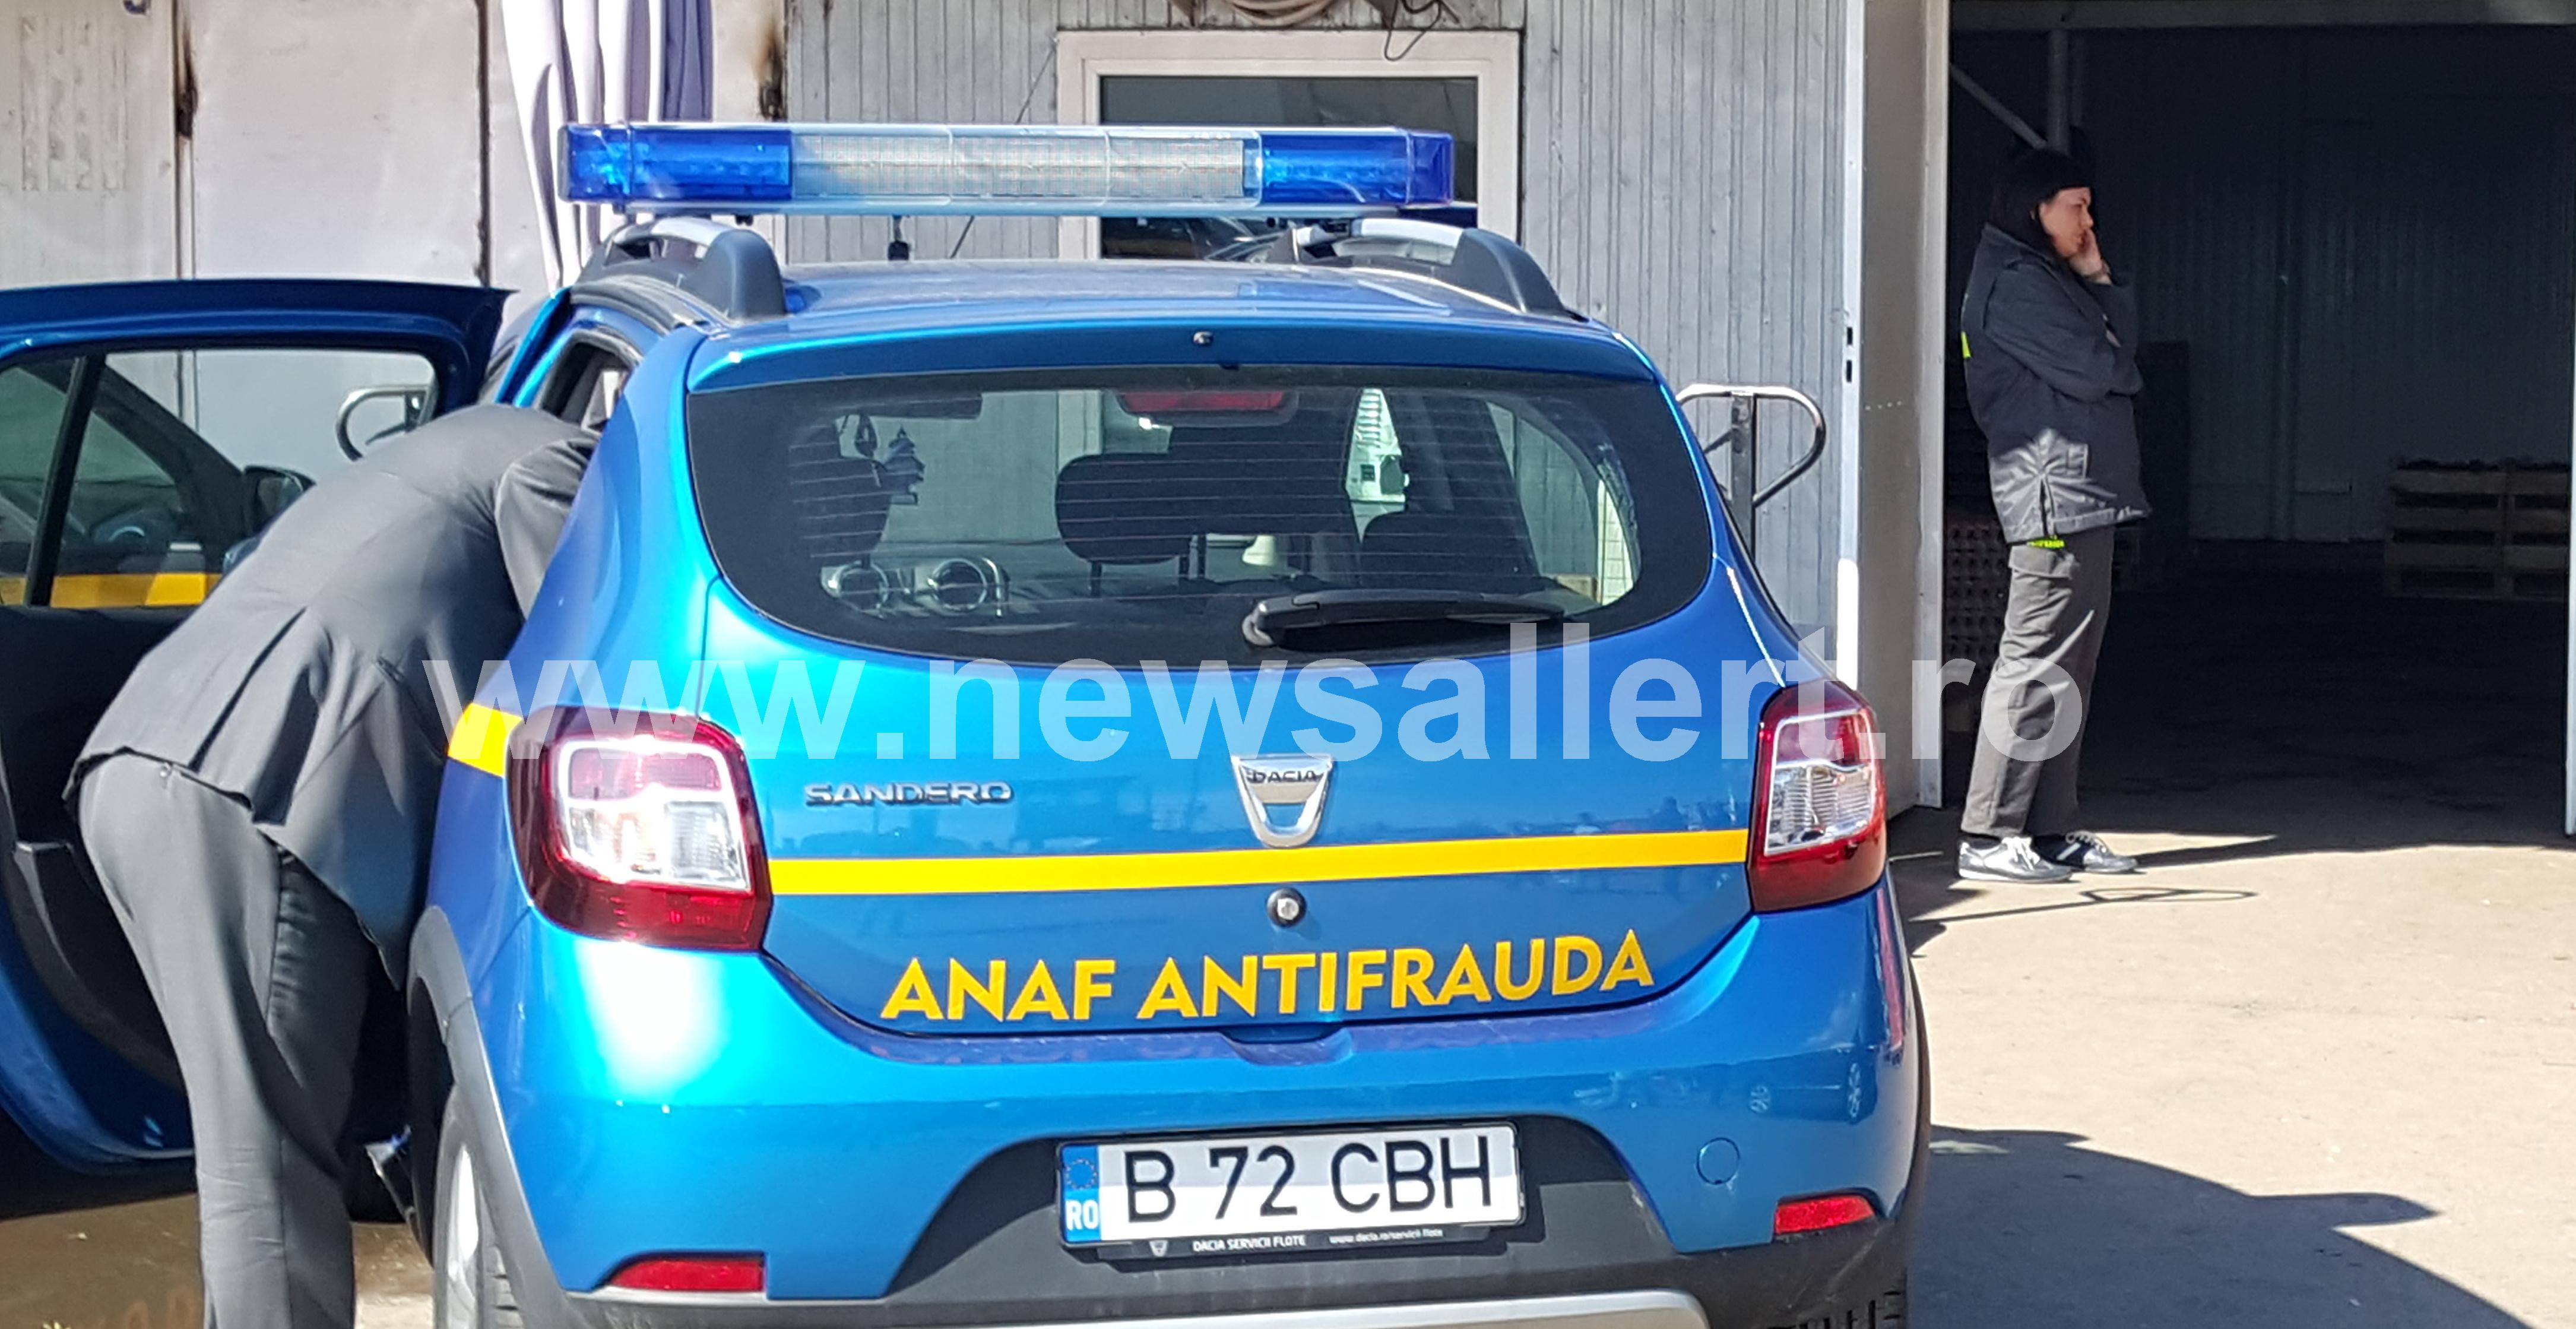 anaf5